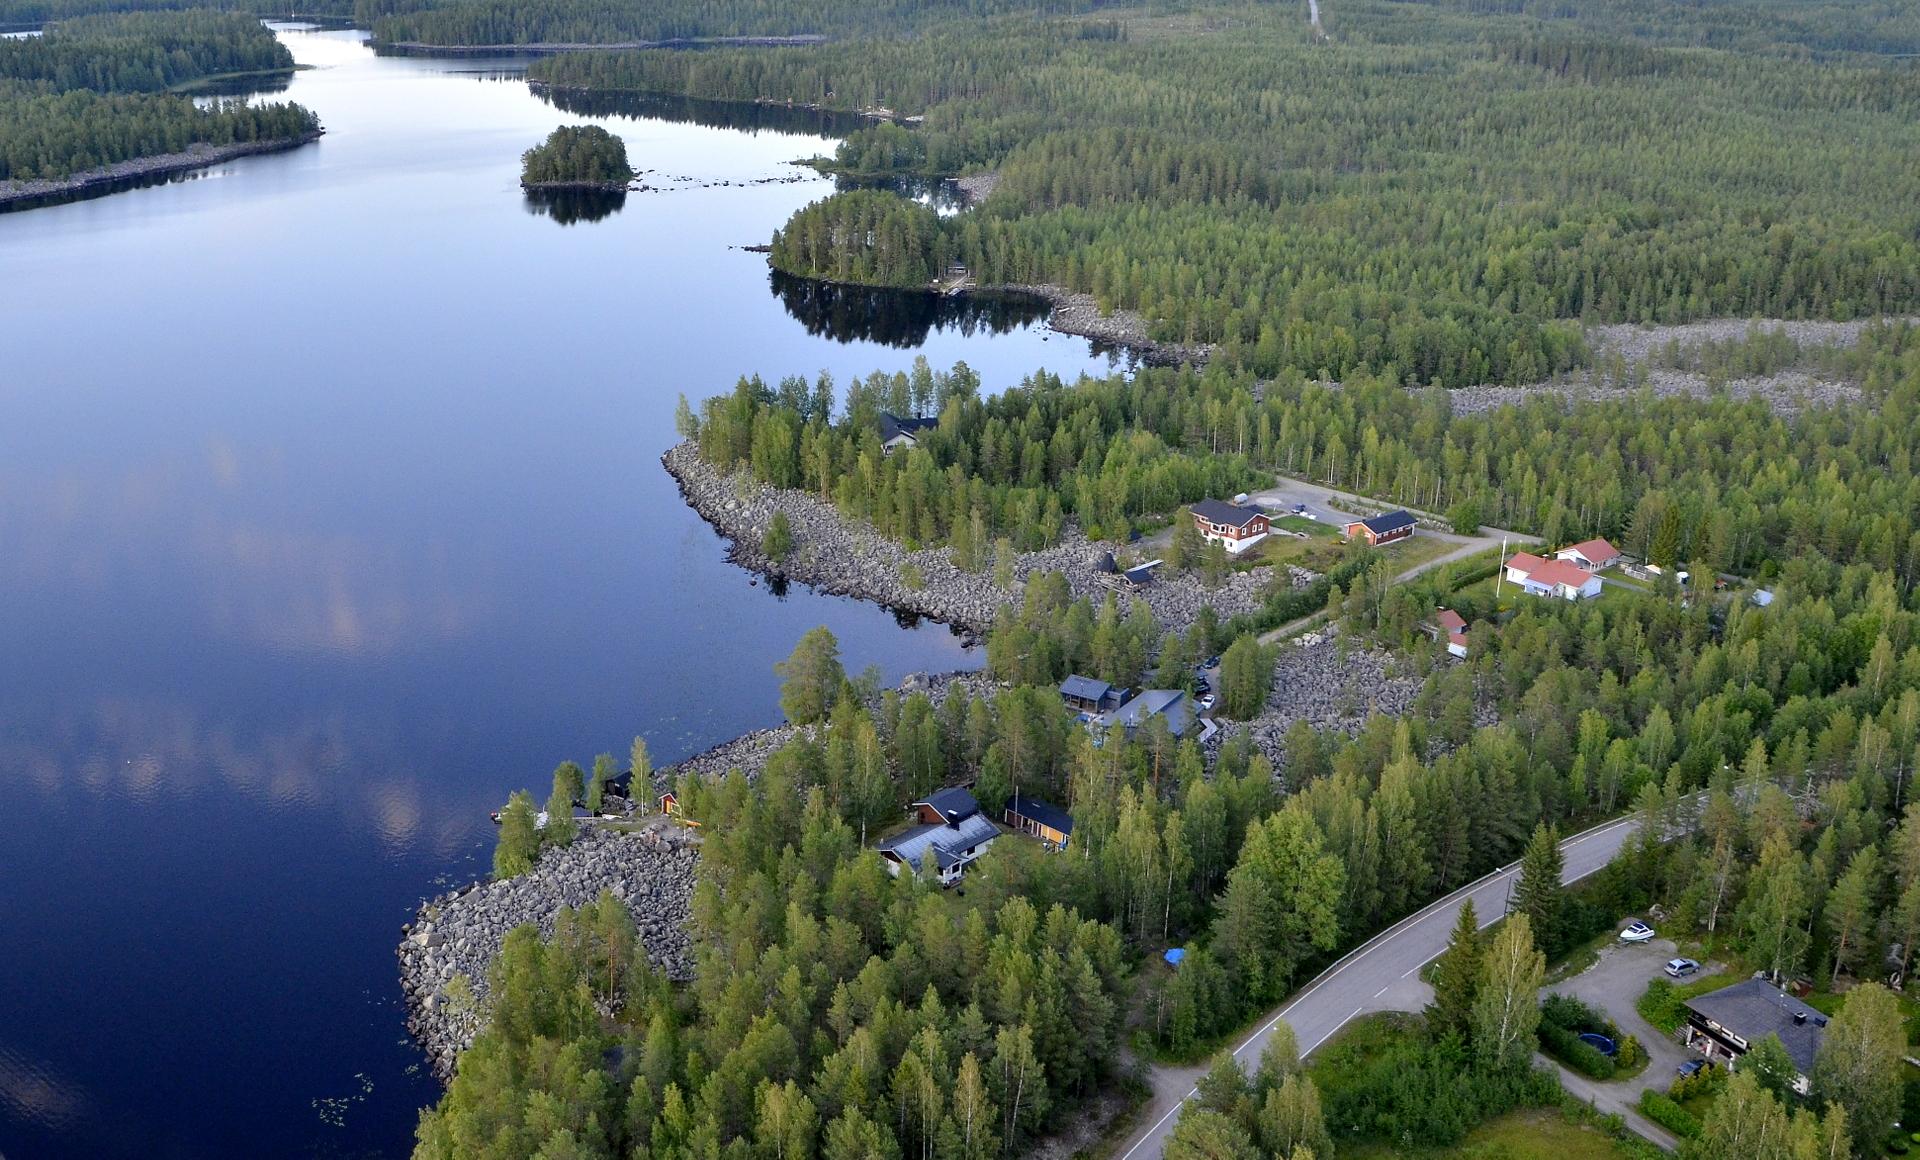 Kivijärven kiviset rannat, kun lähdetään metsäisiä maisemia kohden Viitasaaren Pasalaa.